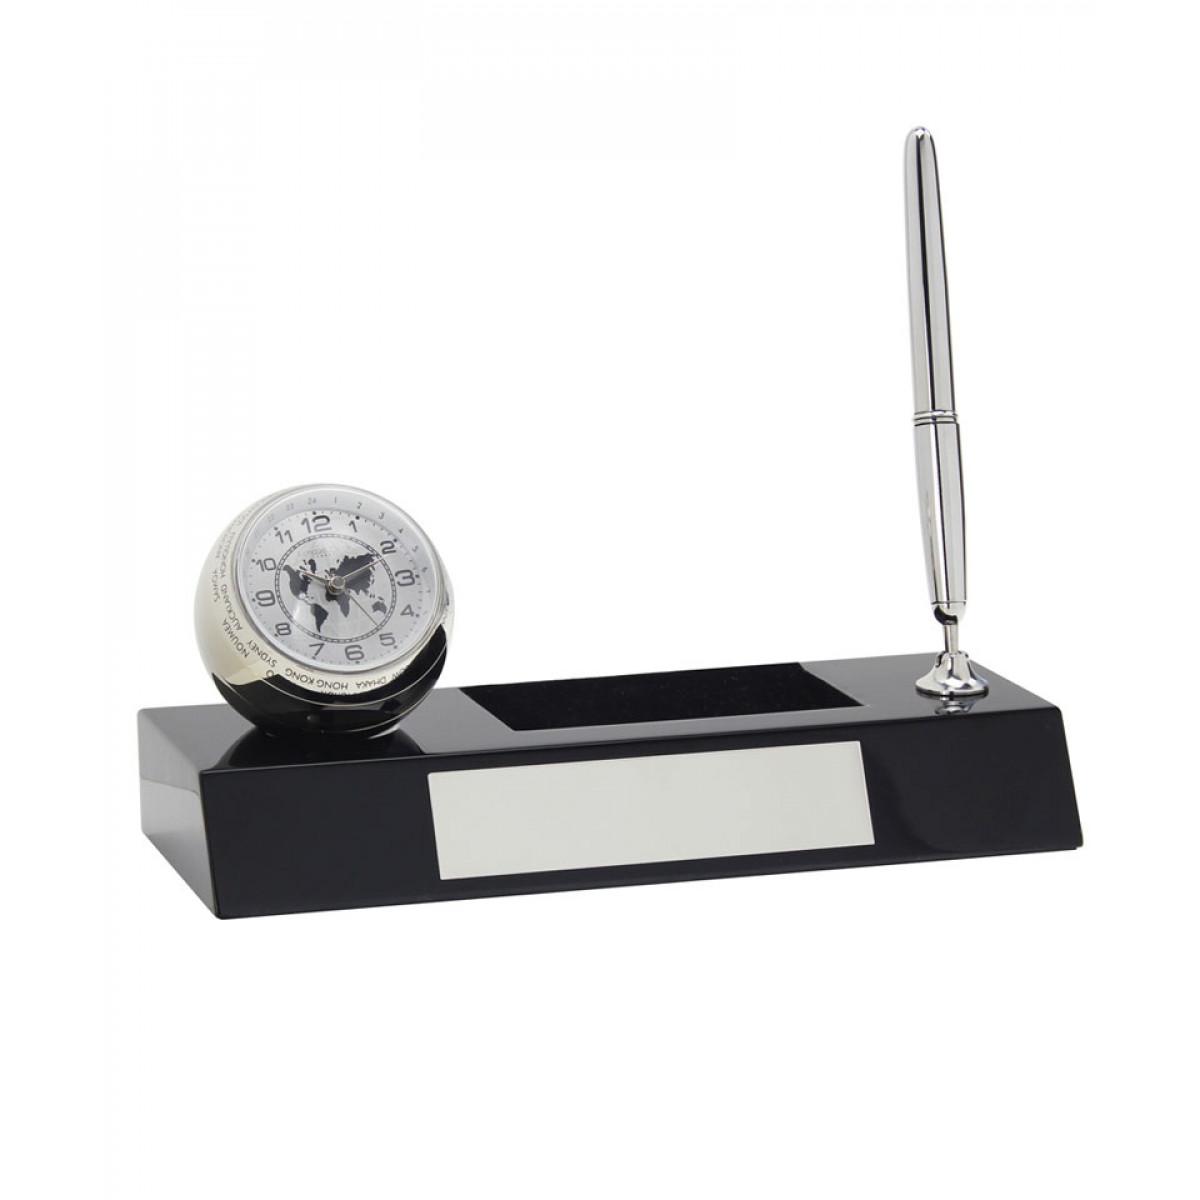 Set accesorii birou cu ceas si pix,personalizabil